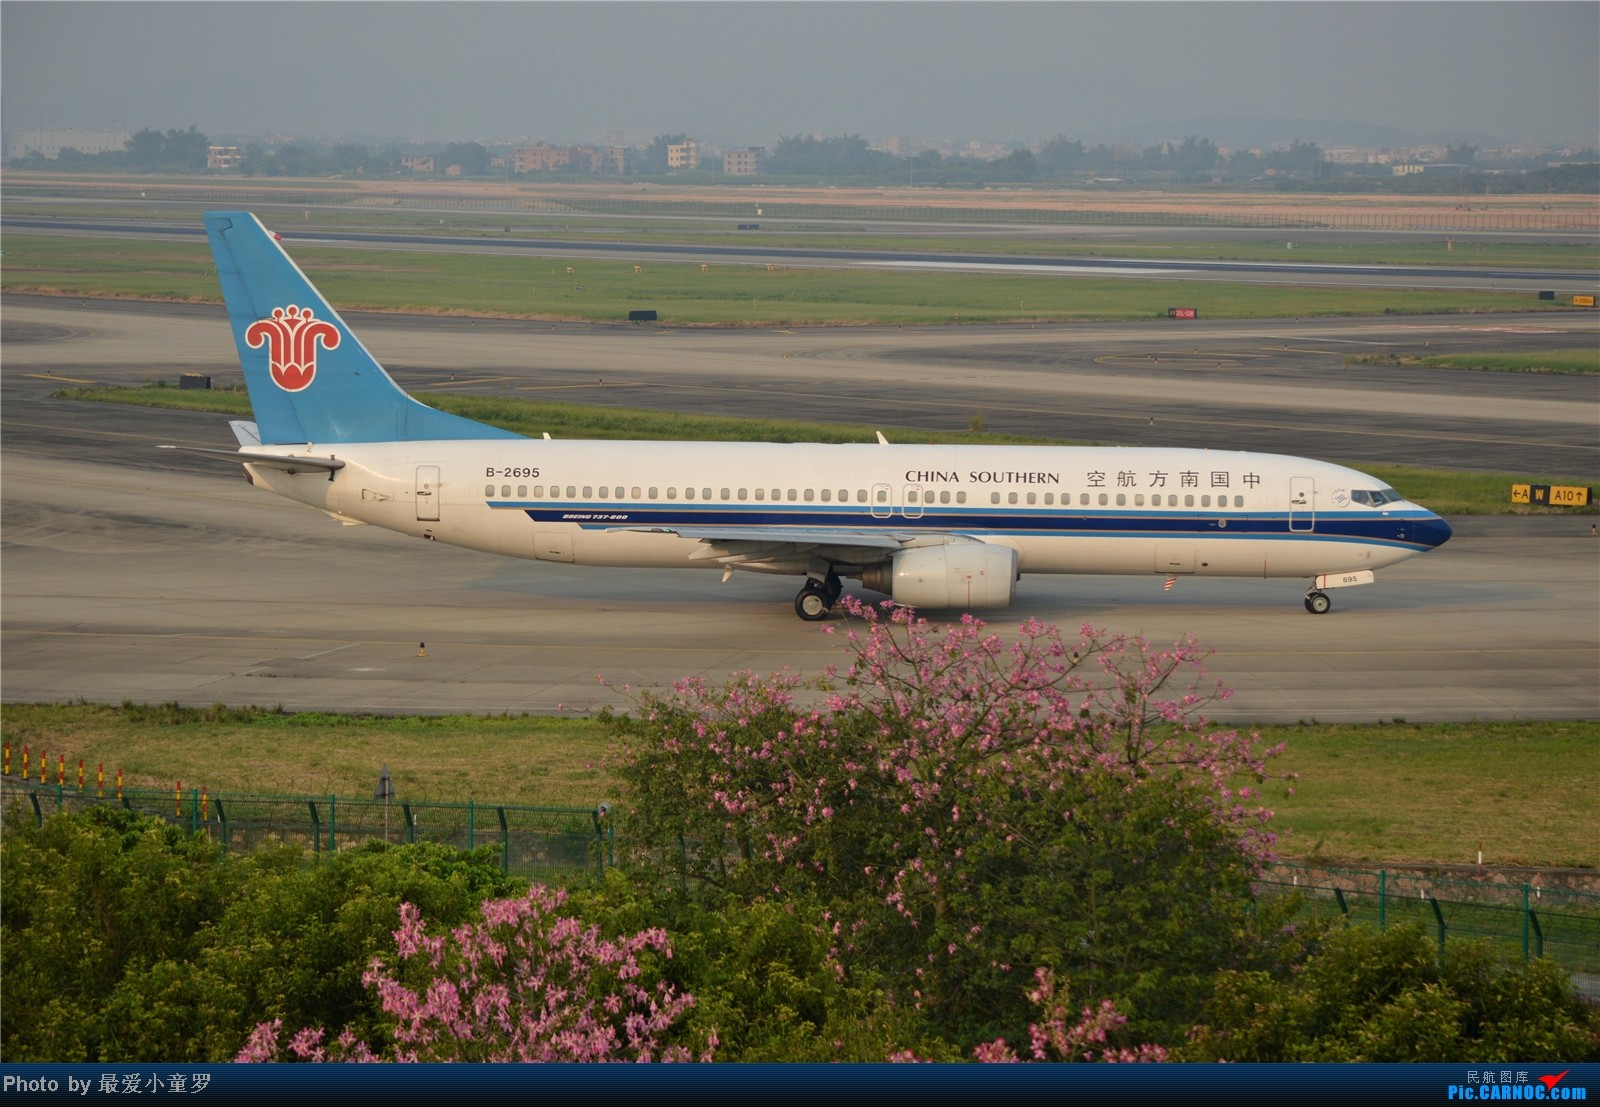 Re:[原创]炒冷饭系列2013年10月4日CAN拍机,带消防塔角度 BOEING 737-800 B-2696 中国广州白云机场